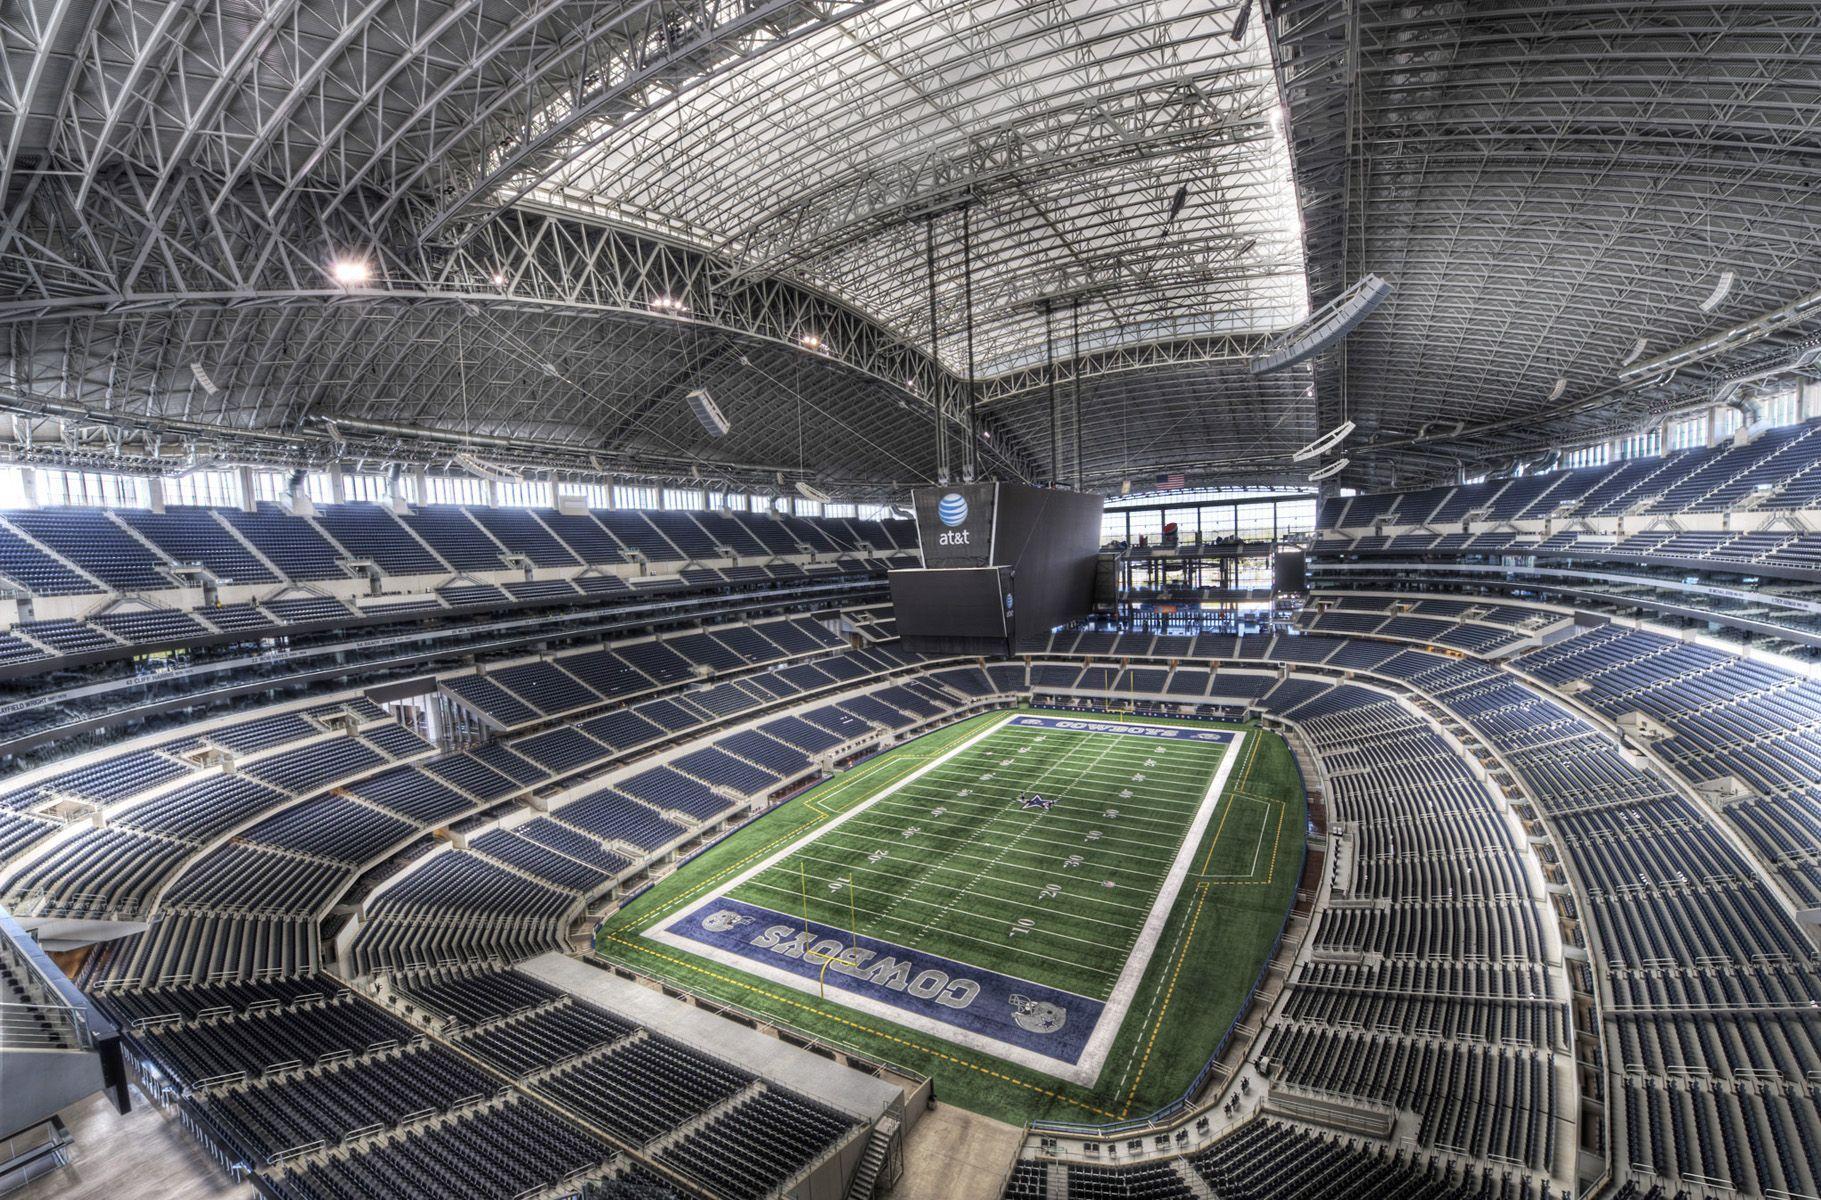 Dallas Cowboys Stadium Images, Dallas Cowboys Stadium - Dallas Cowboys Stadium Inside - HD Wallpaper